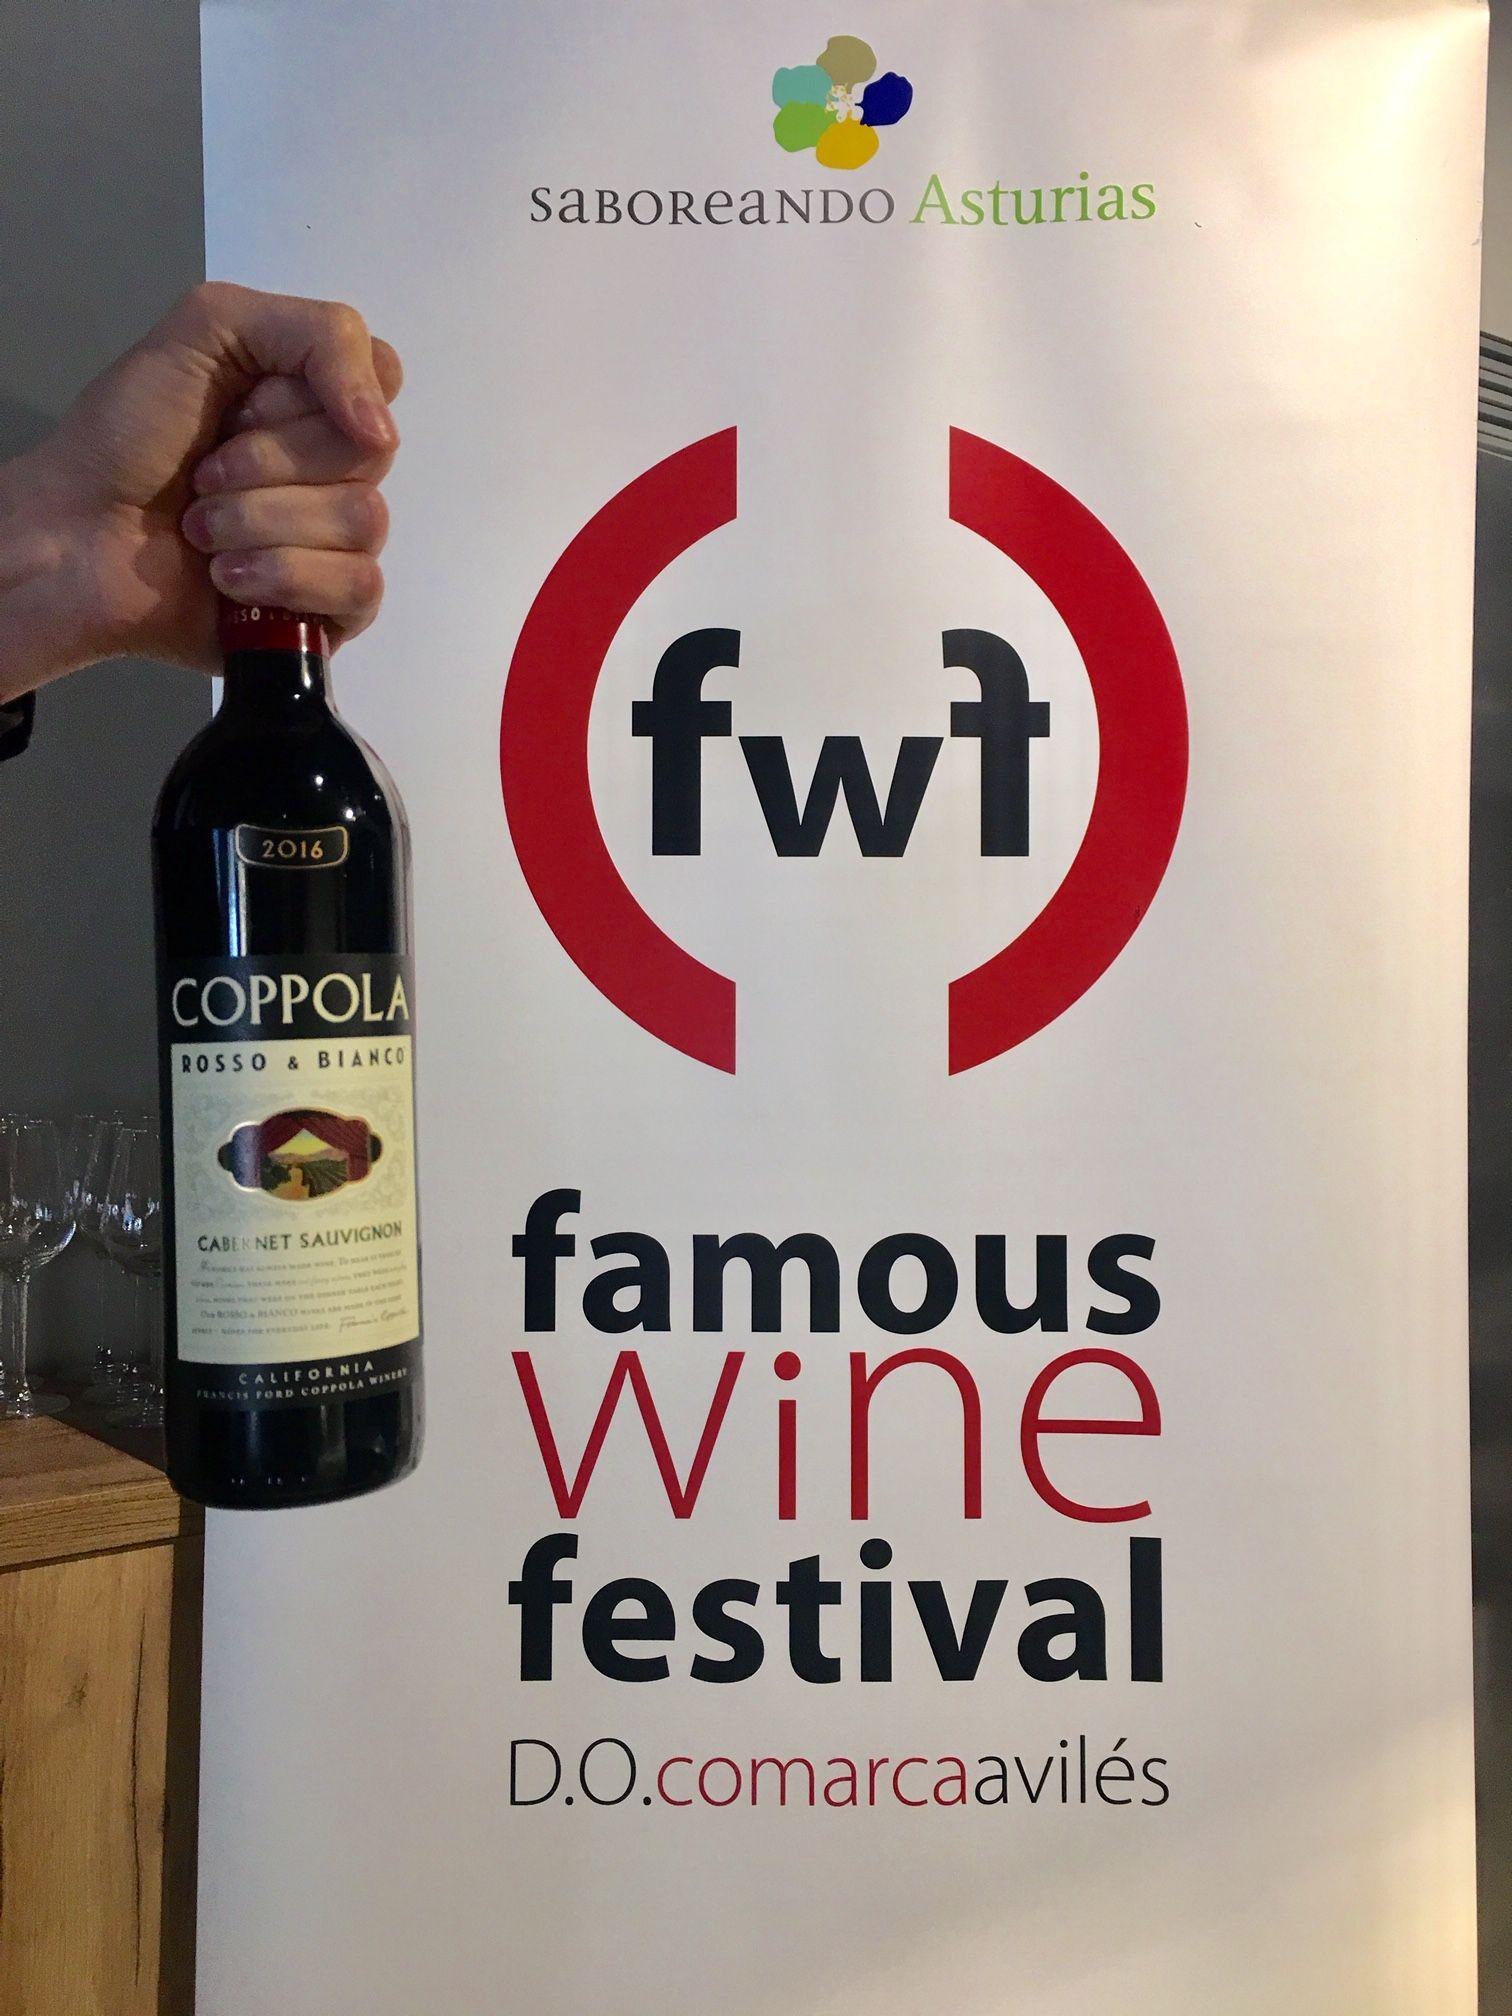 Aratur acerca a los aragoneses el único festival de vino de los famosos que se celebra en Avilés